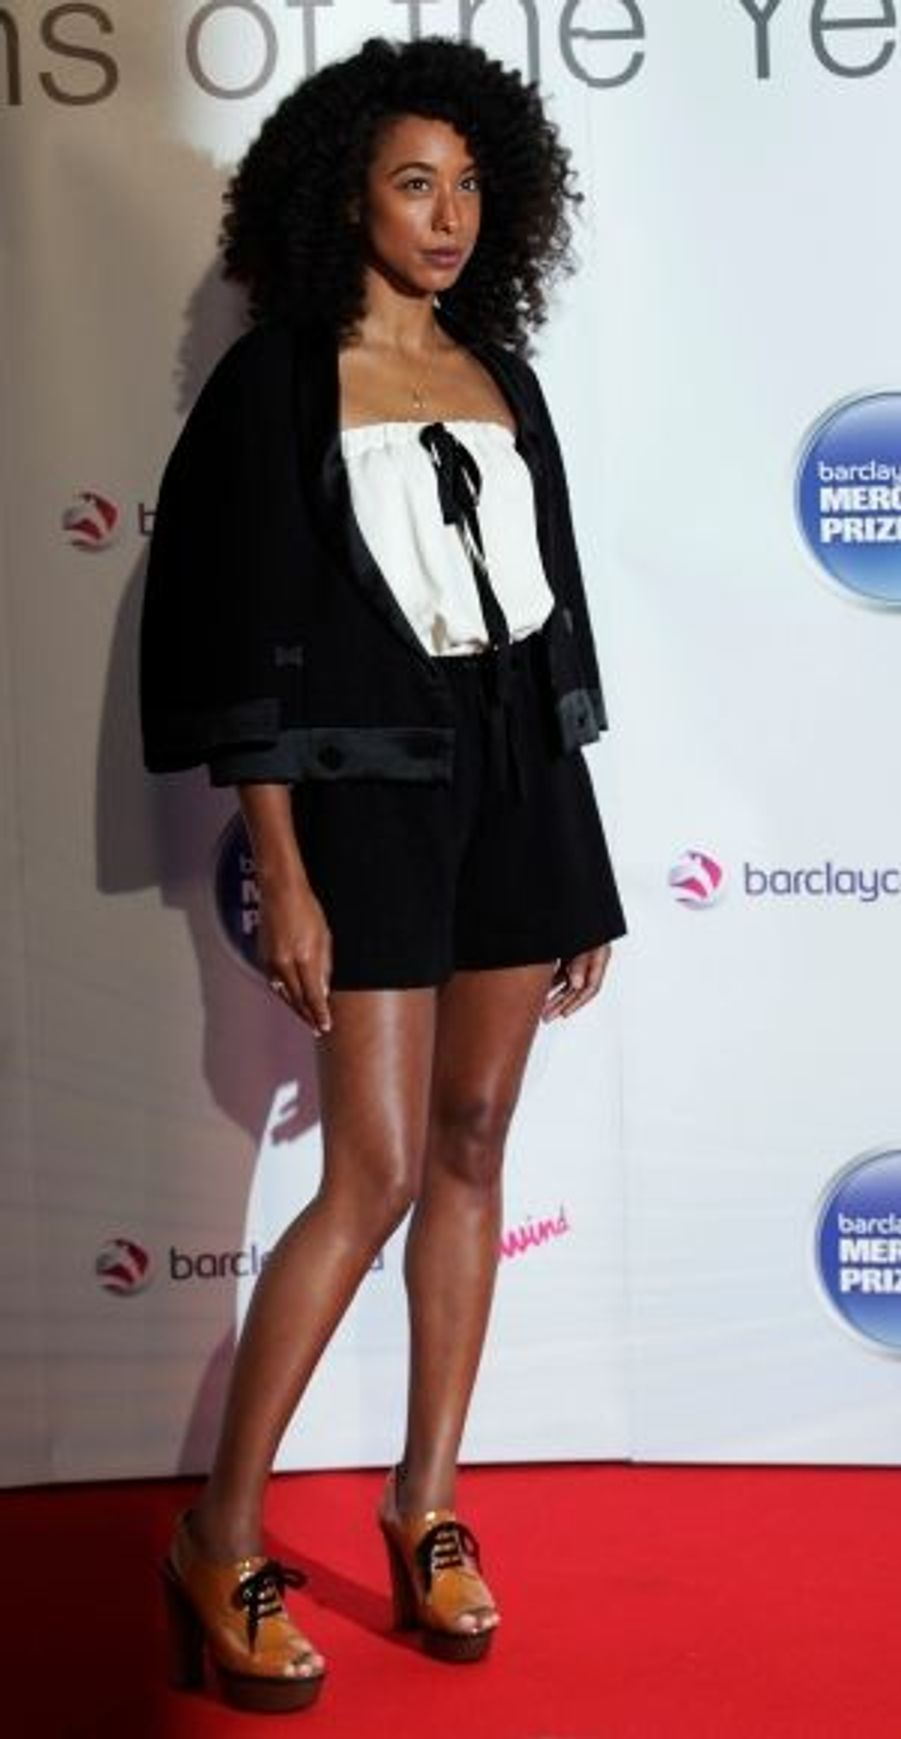 Nominée en 2010, Corinne Bailey Rae faisait cette année partie du jury du prix, décerné pour la première fois en 1992.